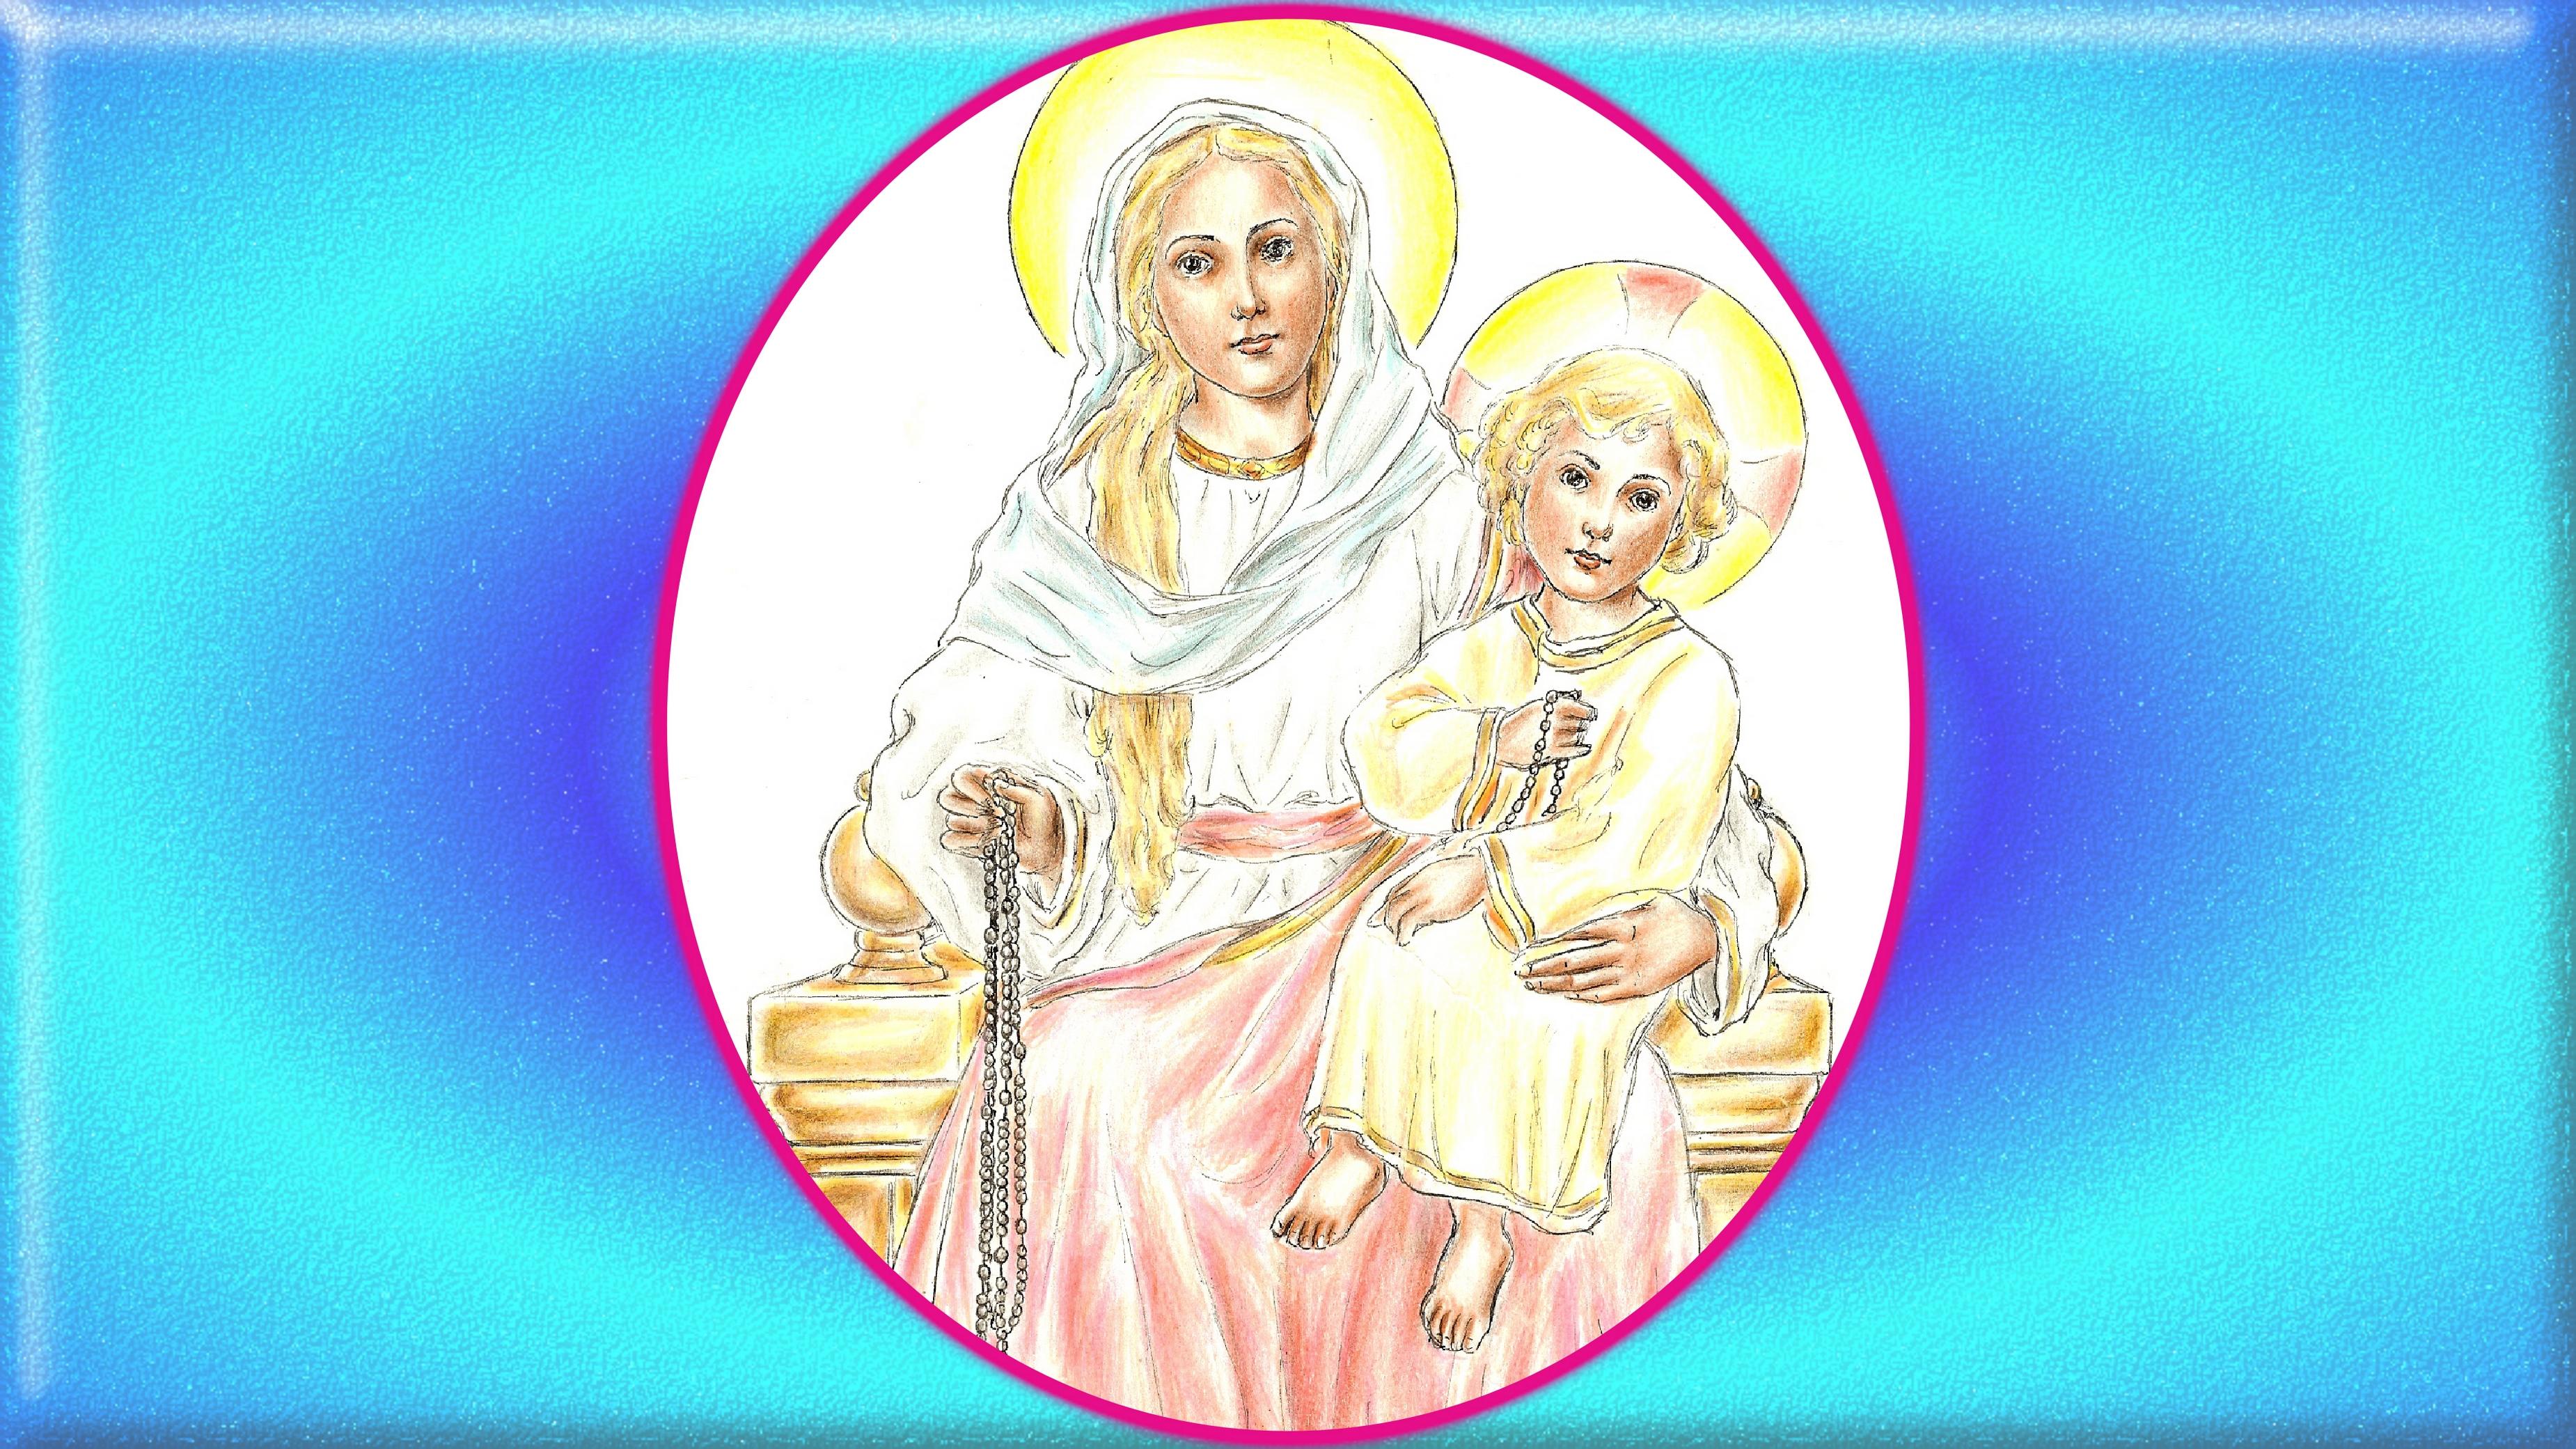 Le Rosaire en Images - Page 3 Notre-dame-du-rosaire-2--5654cb8